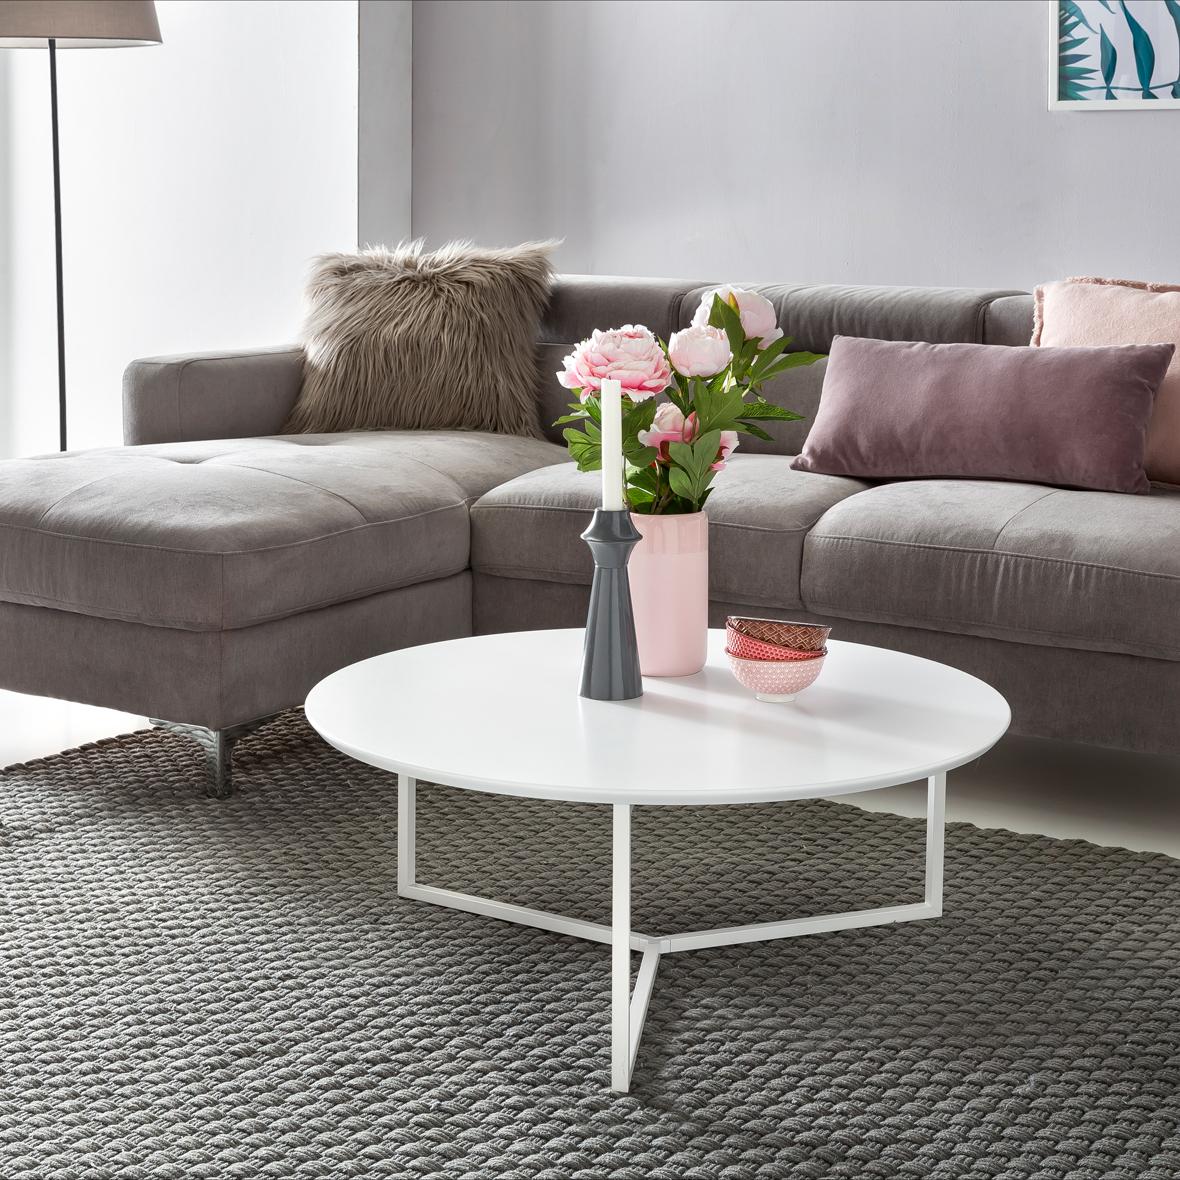 Couchtisch White 80cm Rund Weiß Matt Design Wohnzimmertisch Sofa